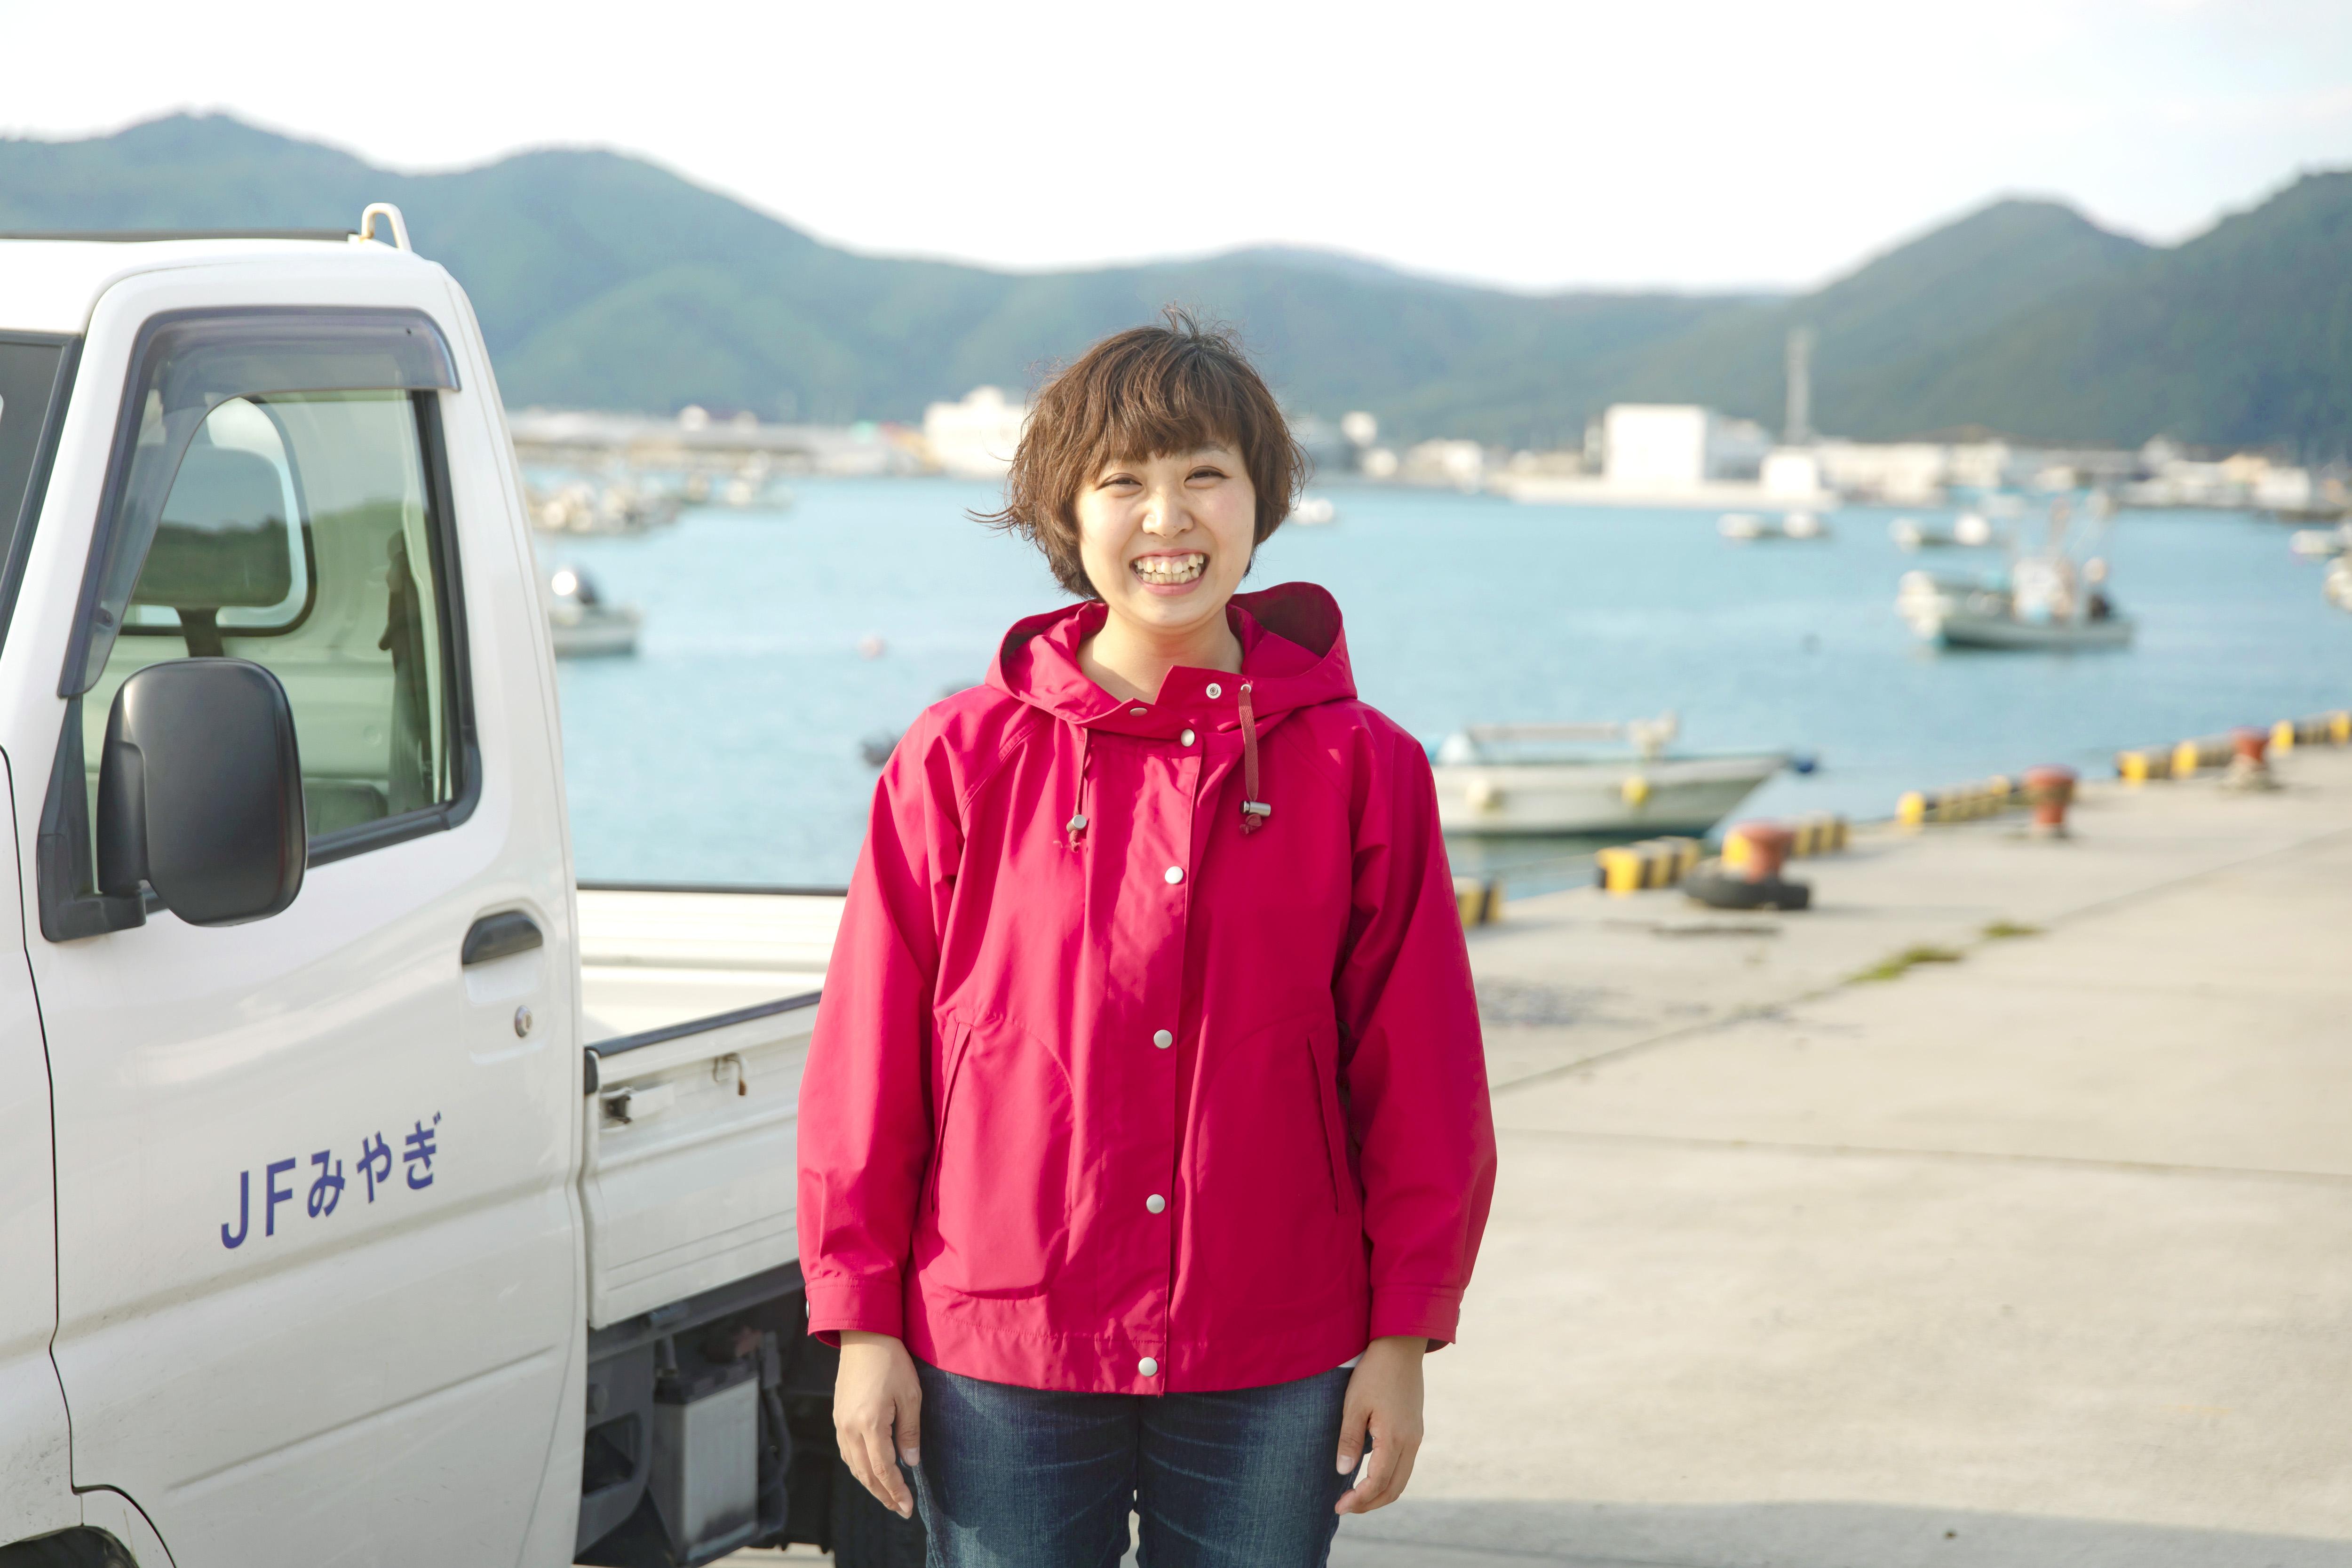 「漁師になりませんか?」 20歳の彼女が漁師に出会い、人生を変えた8年の物語